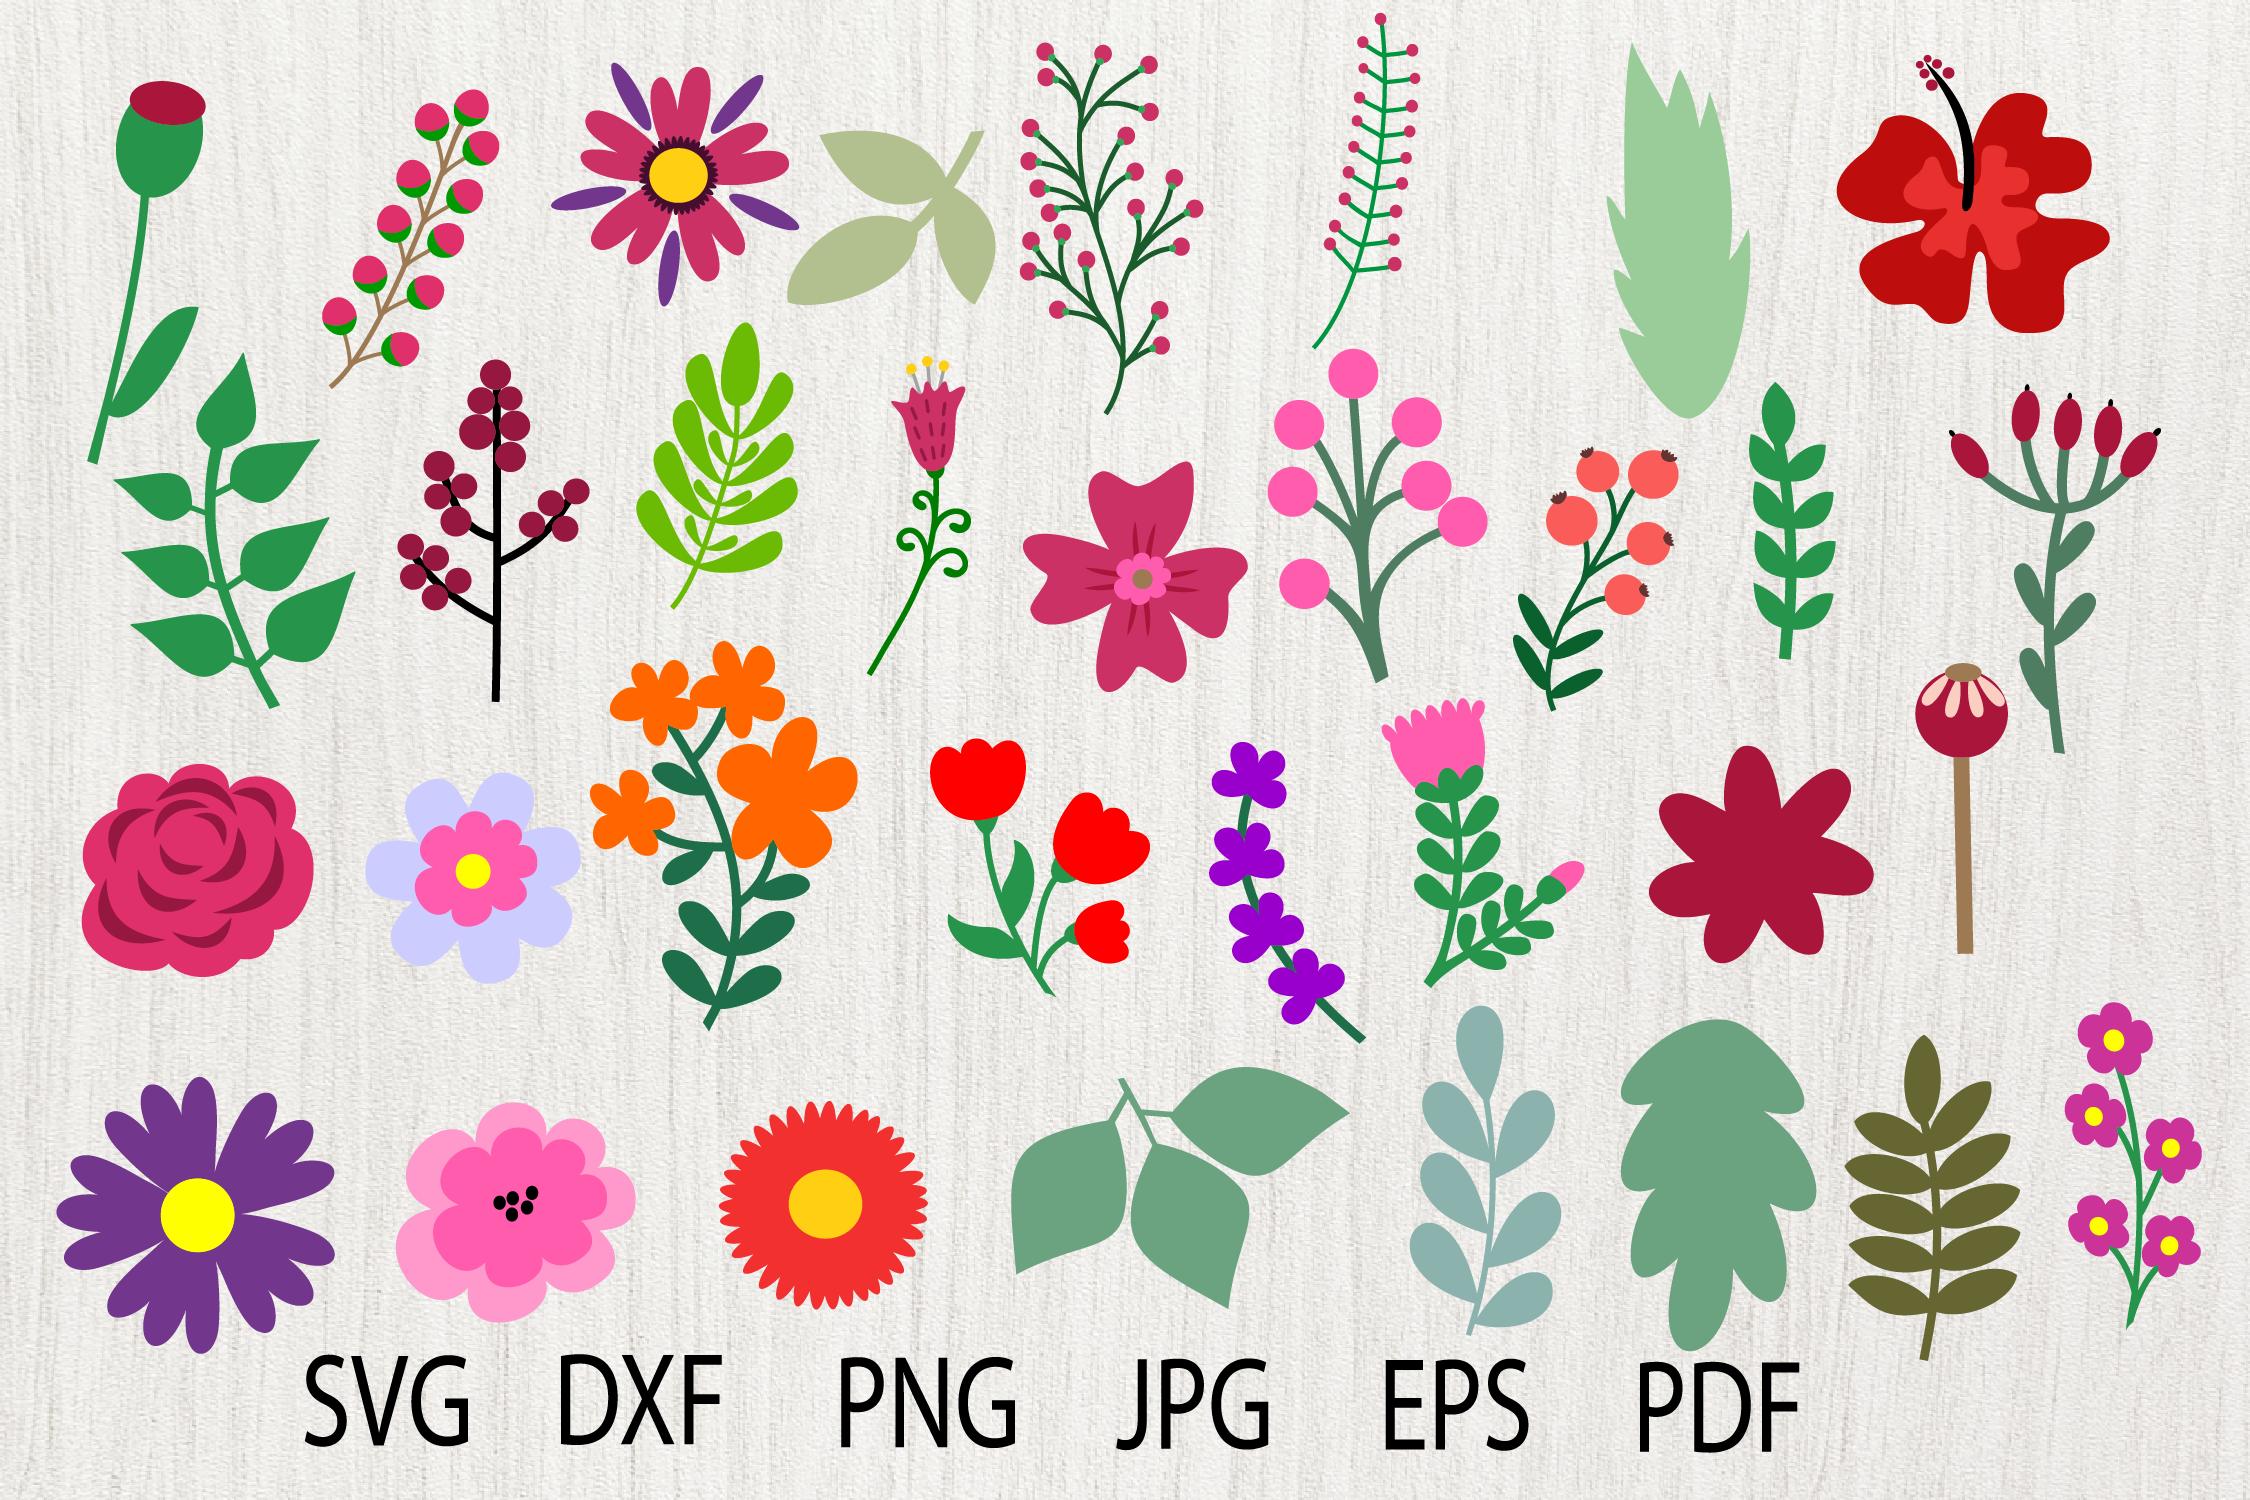 Flower Svg Flower Elements Leaf Clipart By Julydigitalimages